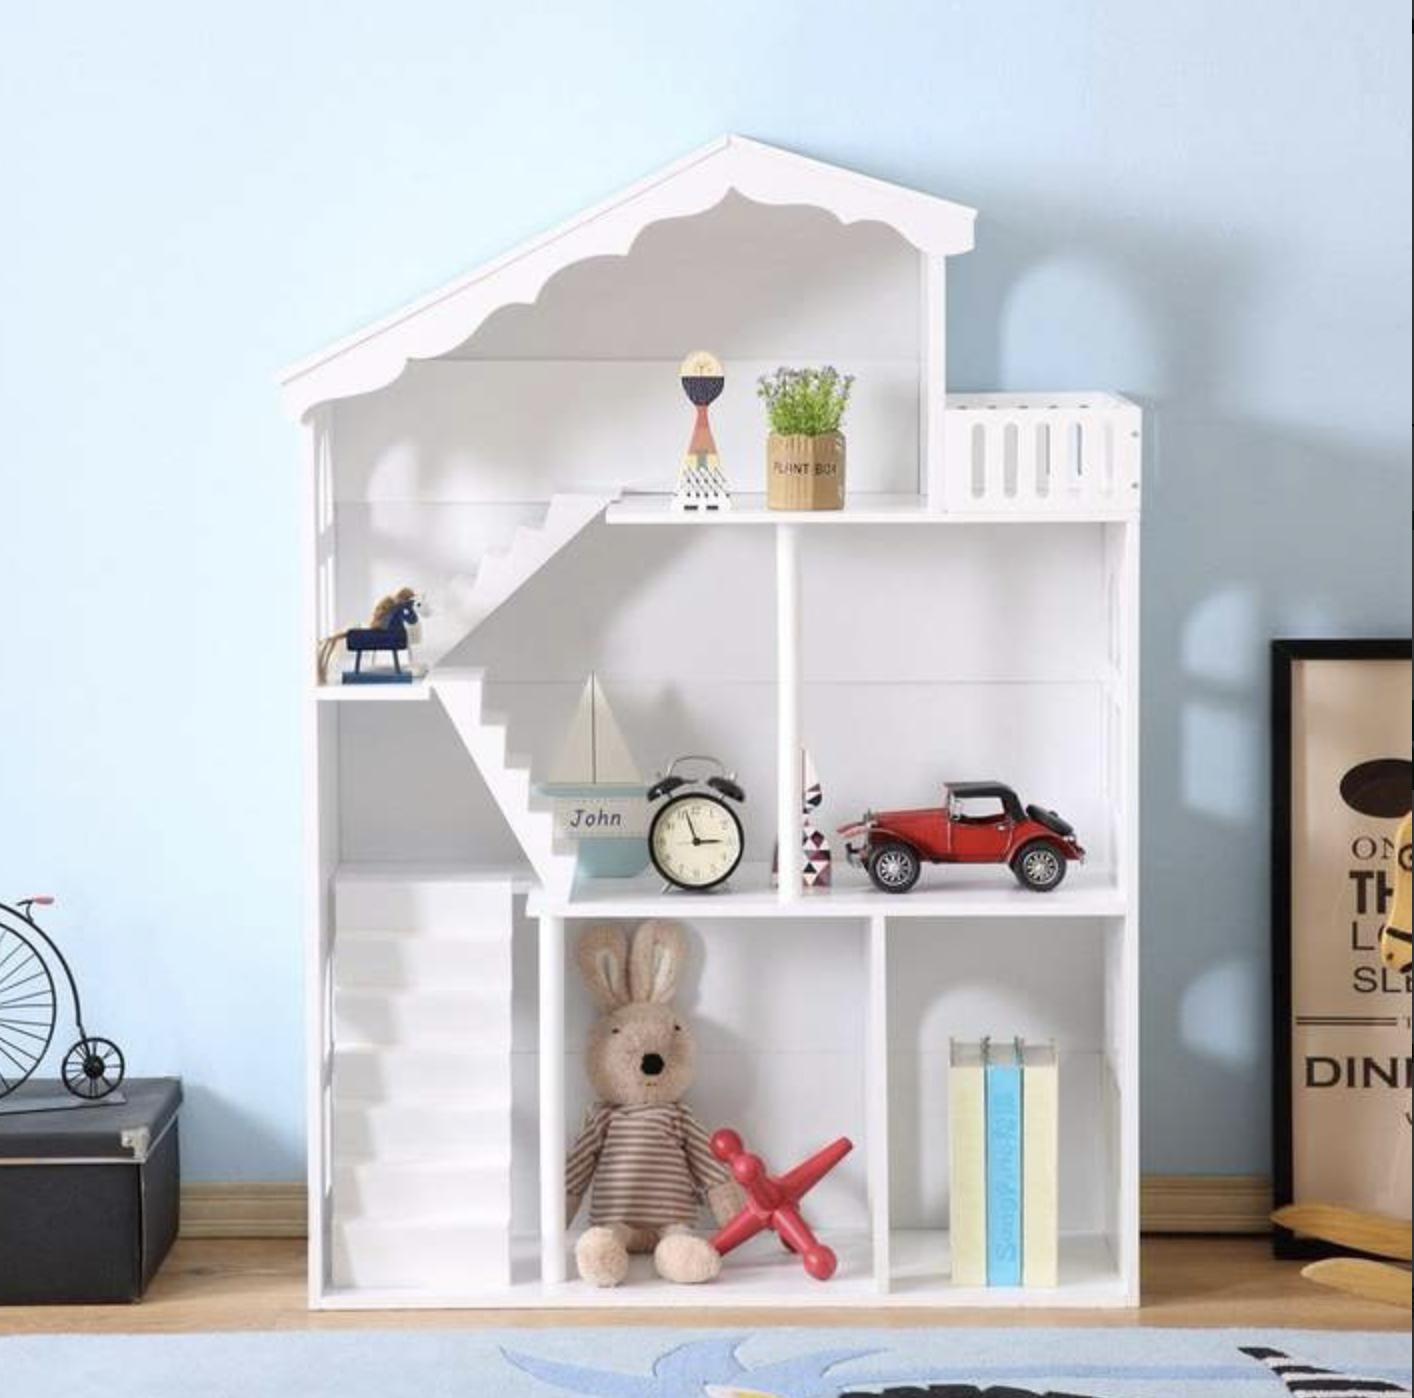 Een poppenhuis geeft als decenia lang speelplezier en daarom een investering die zijn geld waard is. Wij delen een 3-in-1 poppenhuis.